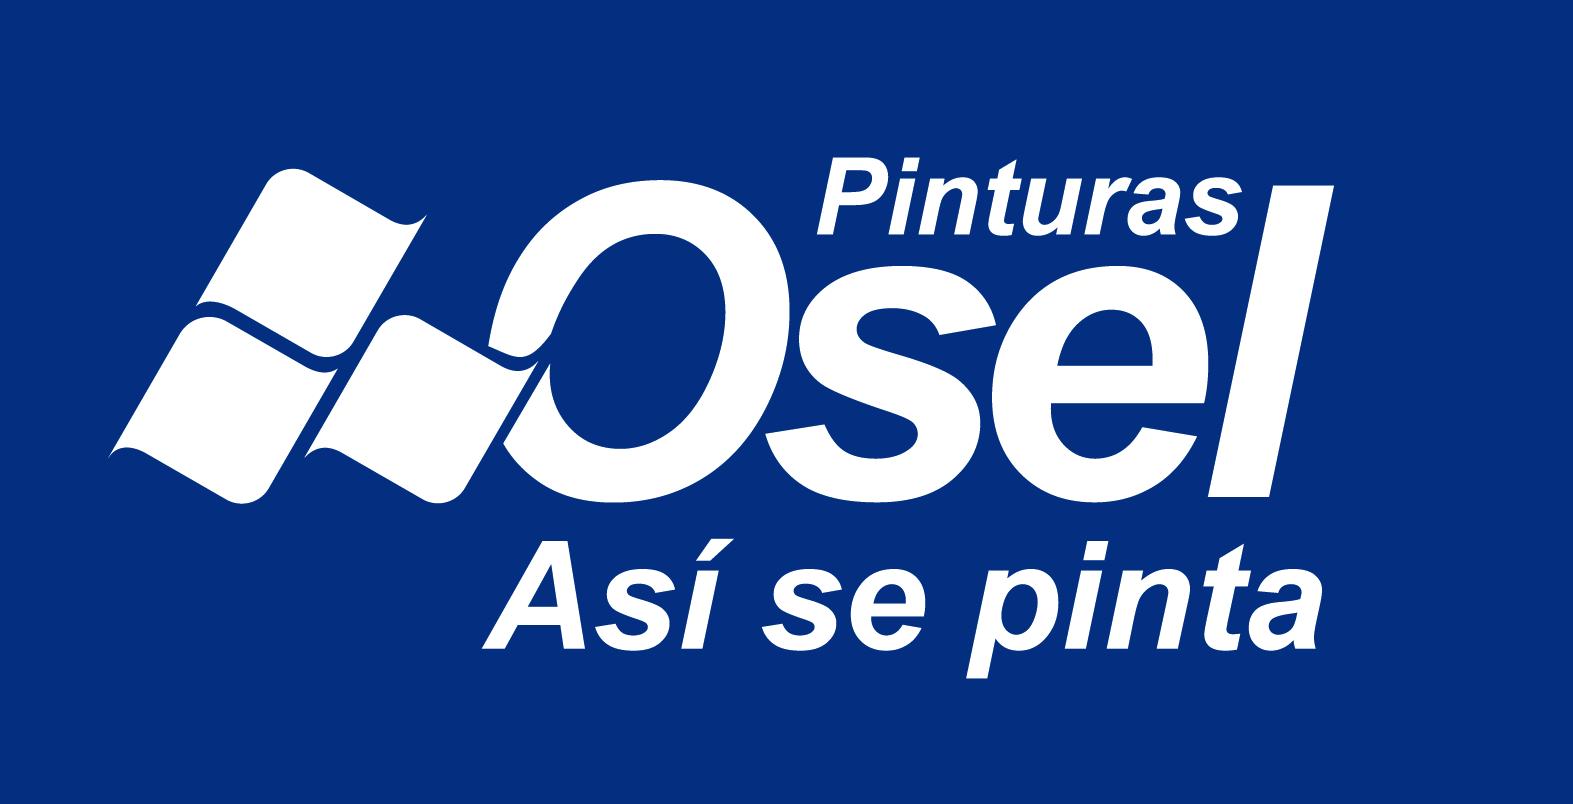 16 OSEL-ASI-SE-PINTA-3.png